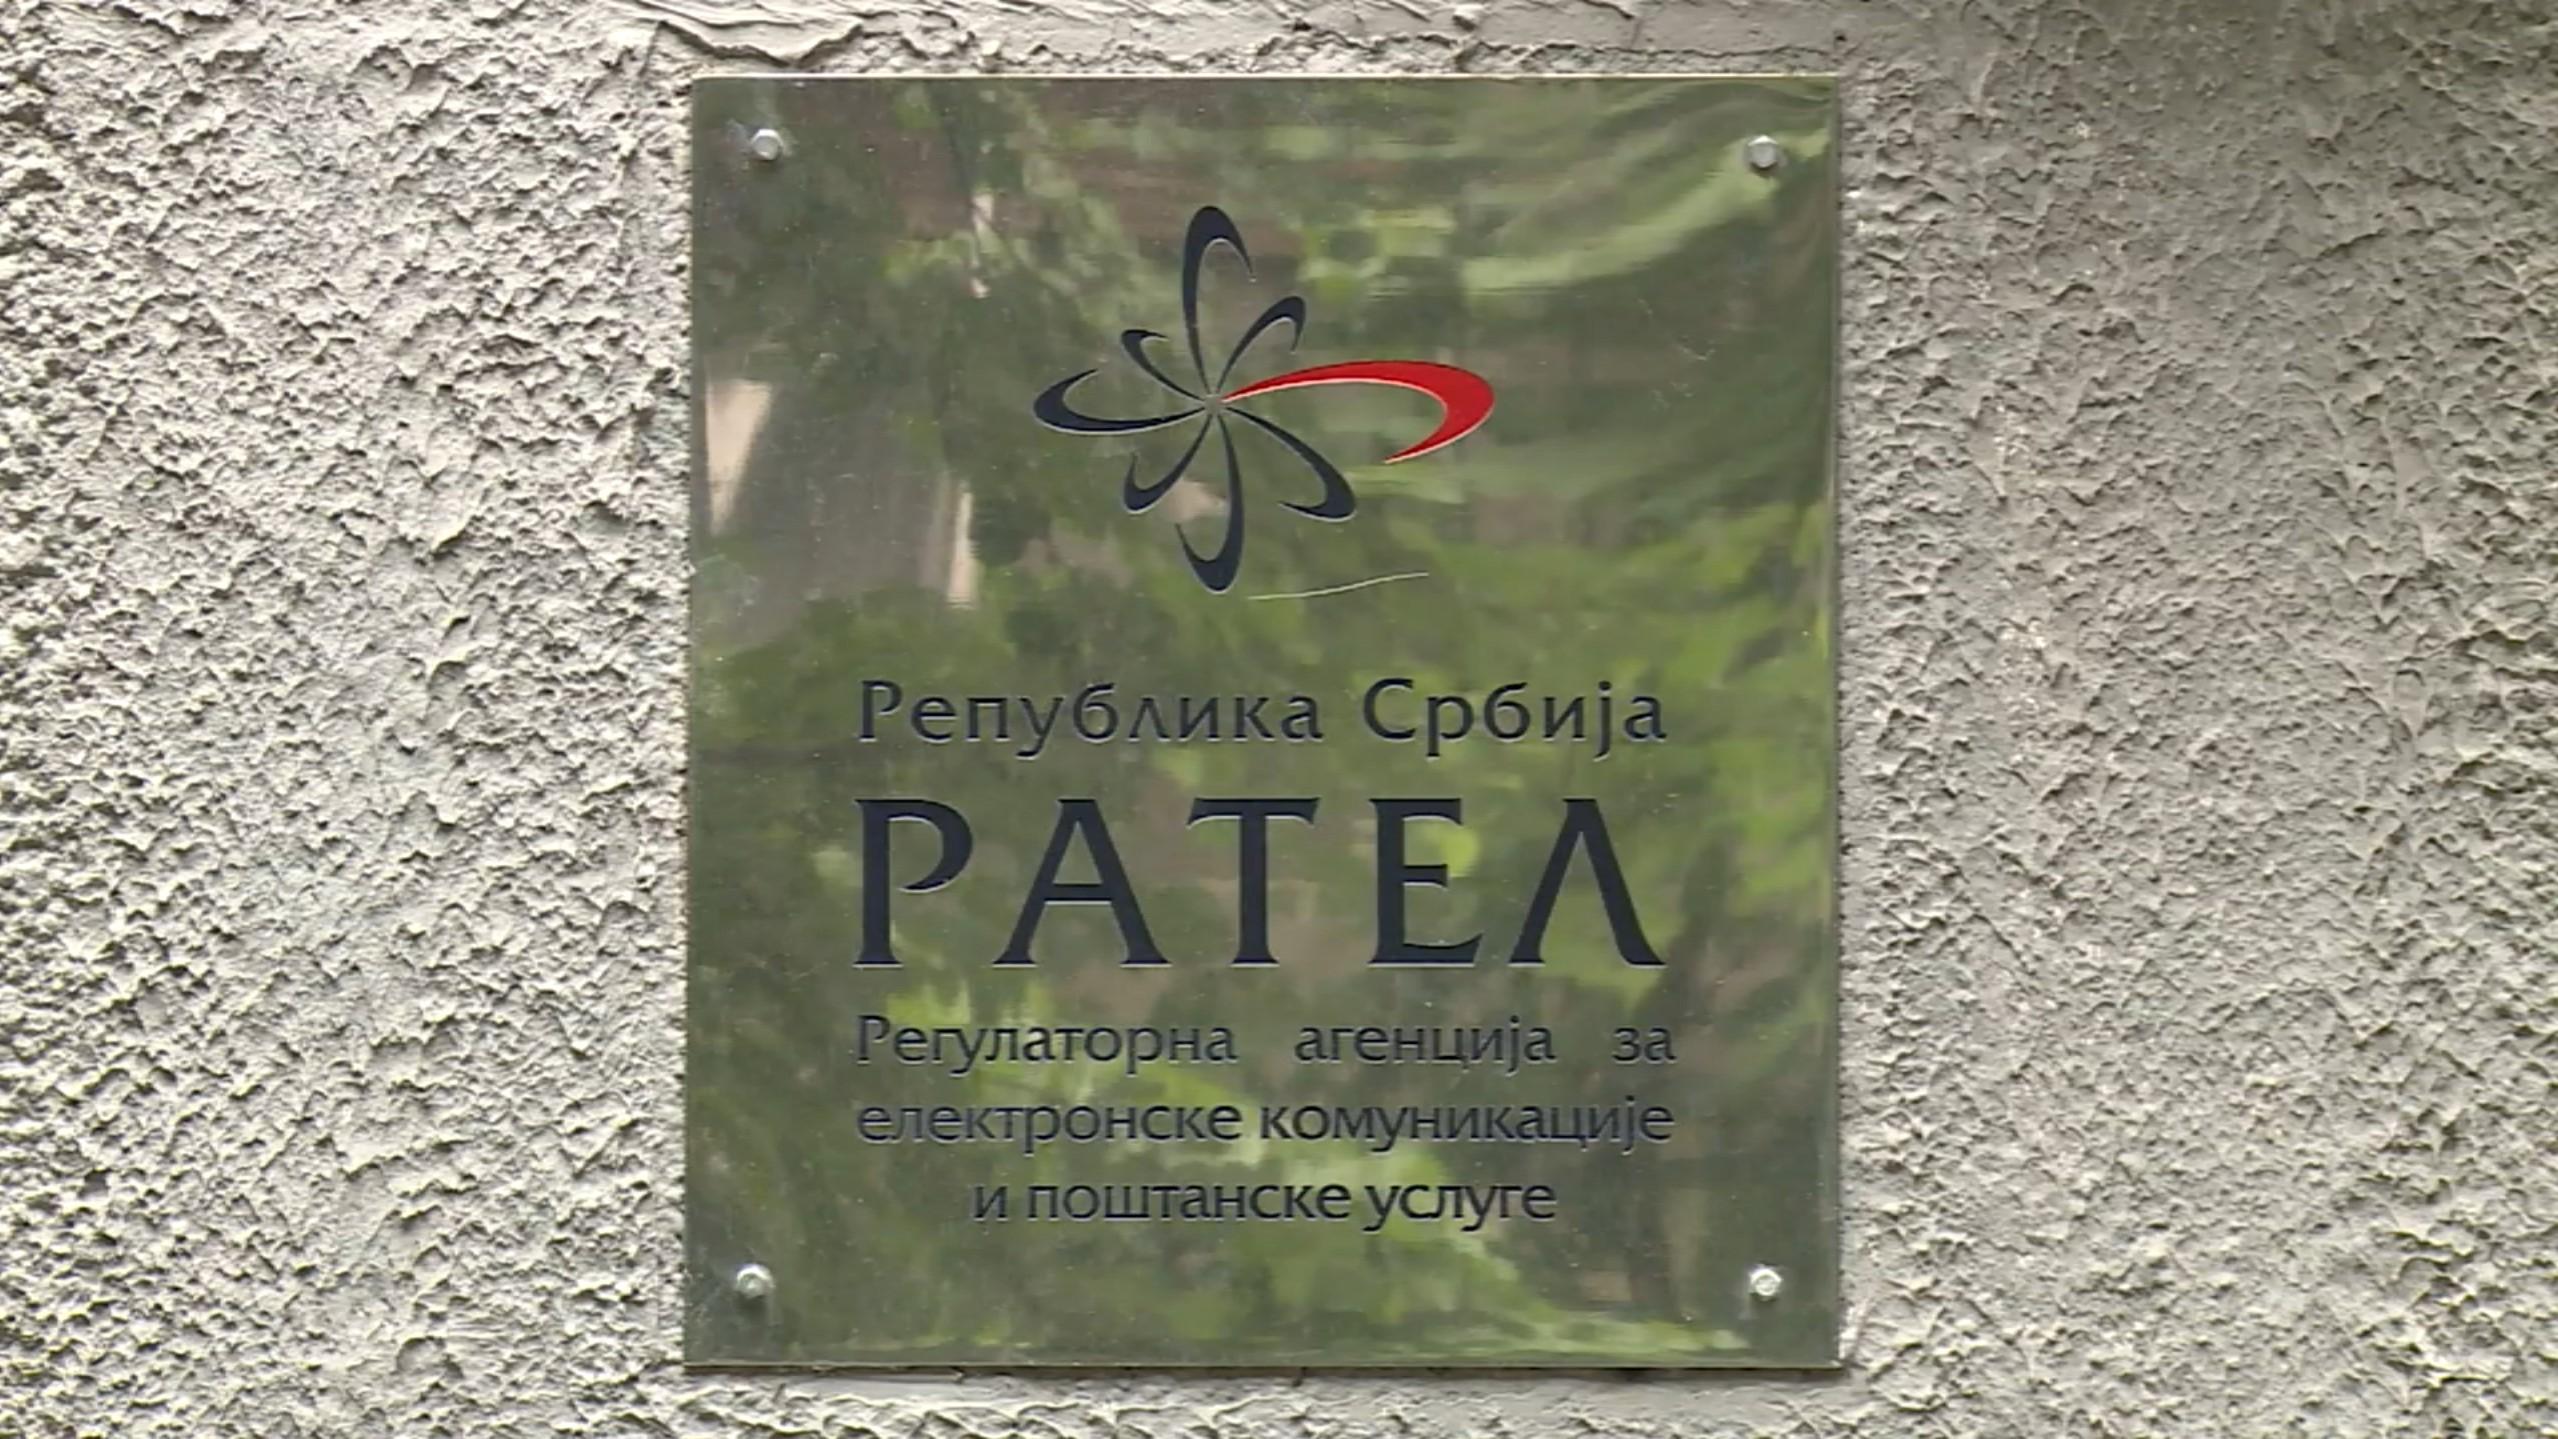 RATEL, Regulatorna agencija za elektronske komunikacije i poštanske usluge. Tabla, zgrada.